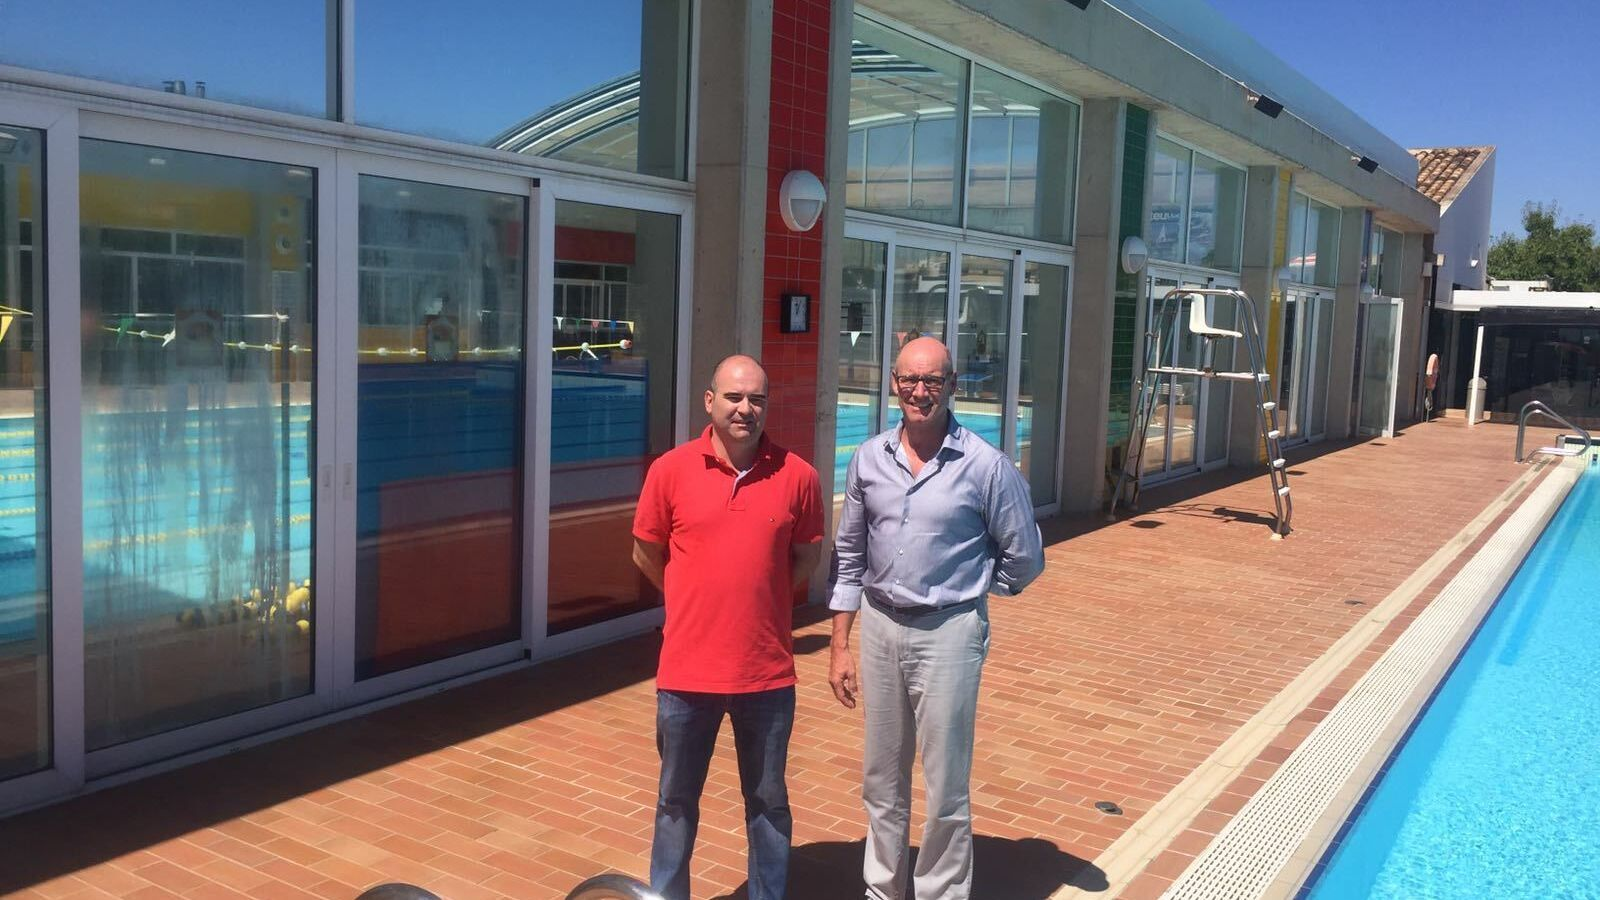 Una de  les piscines municipals de Llucmajor, amb l'exbatle Bernardí Vives (dreta).